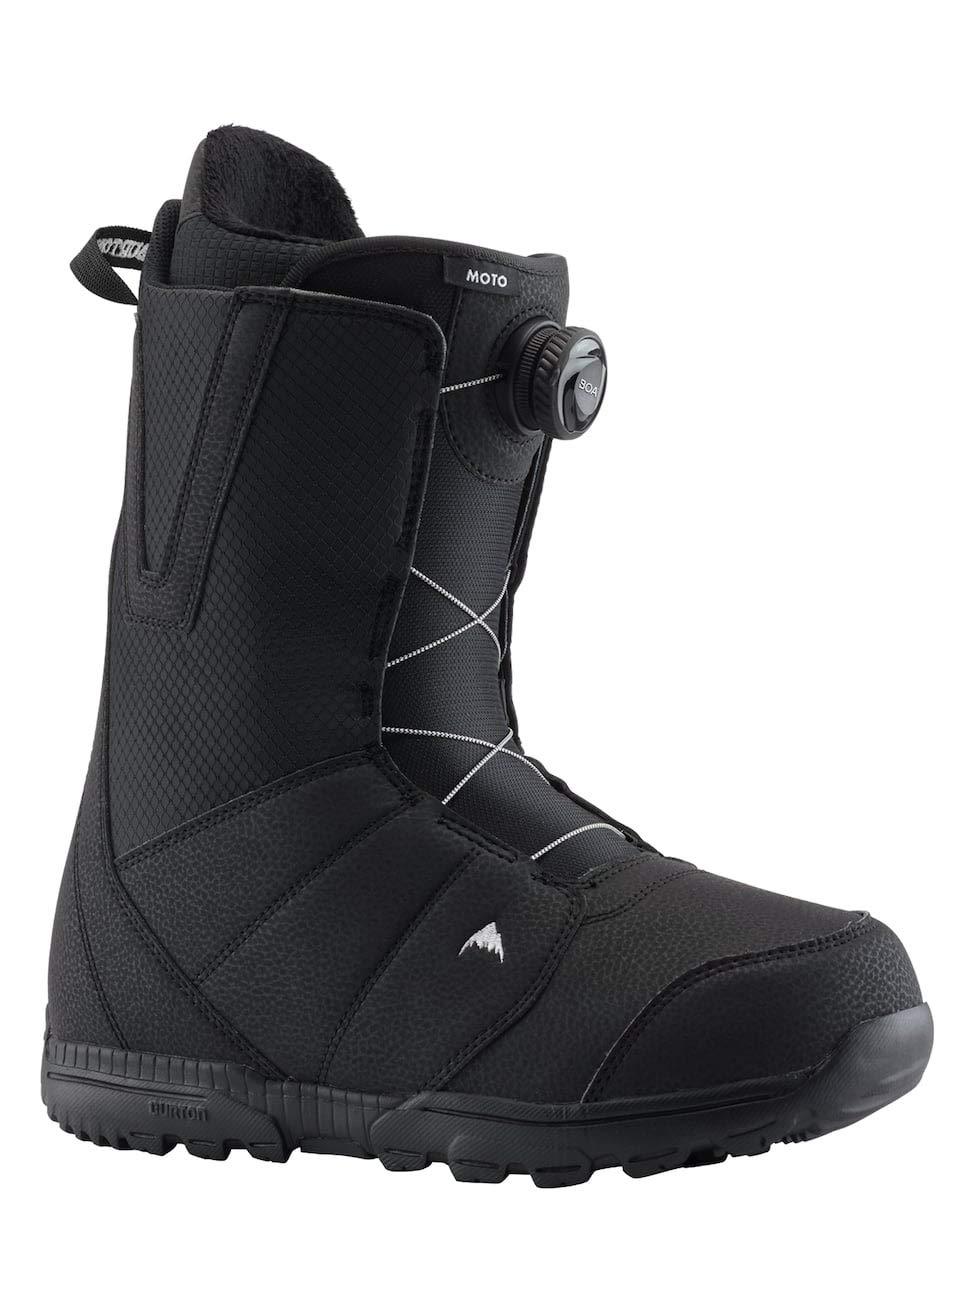 47 EU Black Burton Herren Moto Boa Snowboard Boot Schwarz